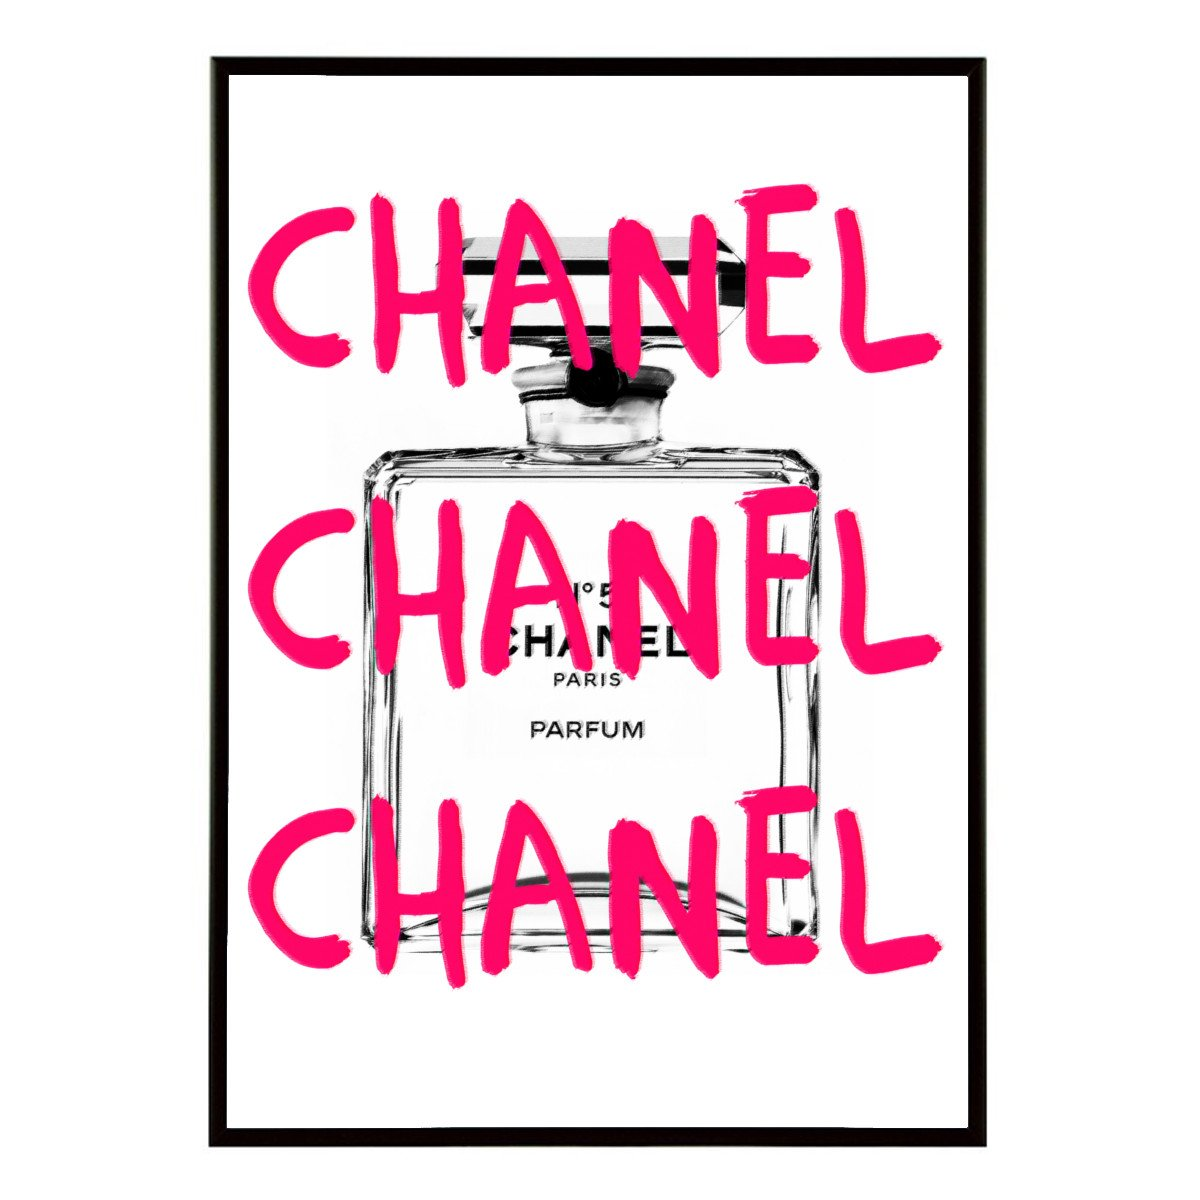 Aroma of Paris アートポスター おしゃれ インテリア 北欧 モノクロ アート #099 B3 ホワイトフレーム B0798RKGZ9 B3 (364 x 515mm)|ホワイトフレーム ホワイトフレーム B3 (364 x 515mm)